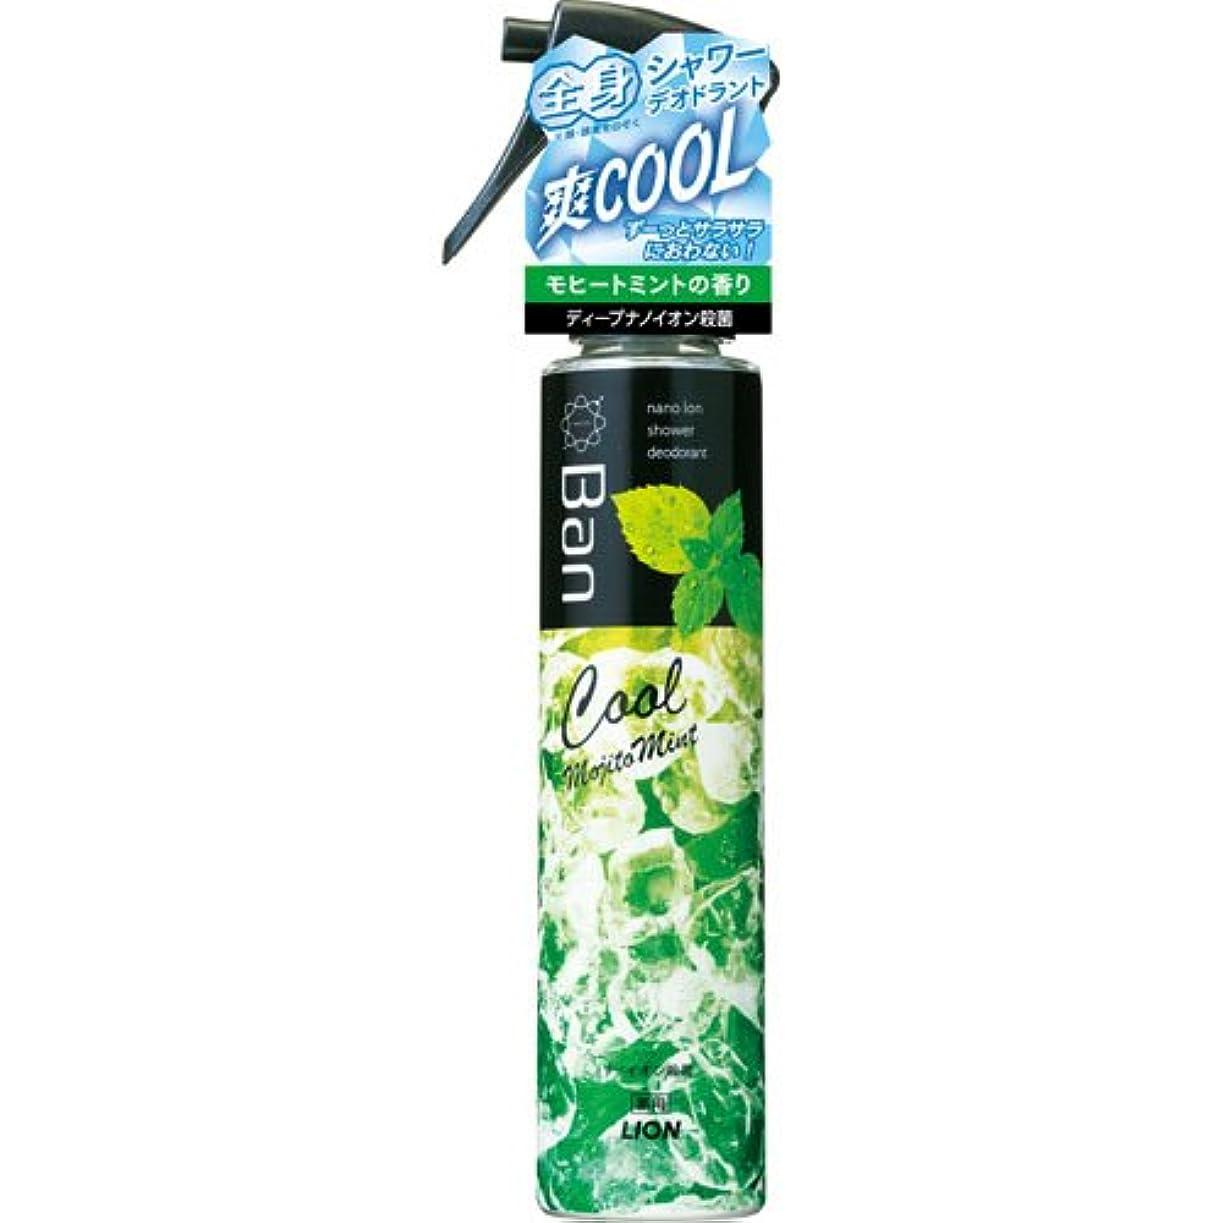 Ban シャワーデオドラントクールタイプ モヒートミントの香り 120ml (医薬部外品)